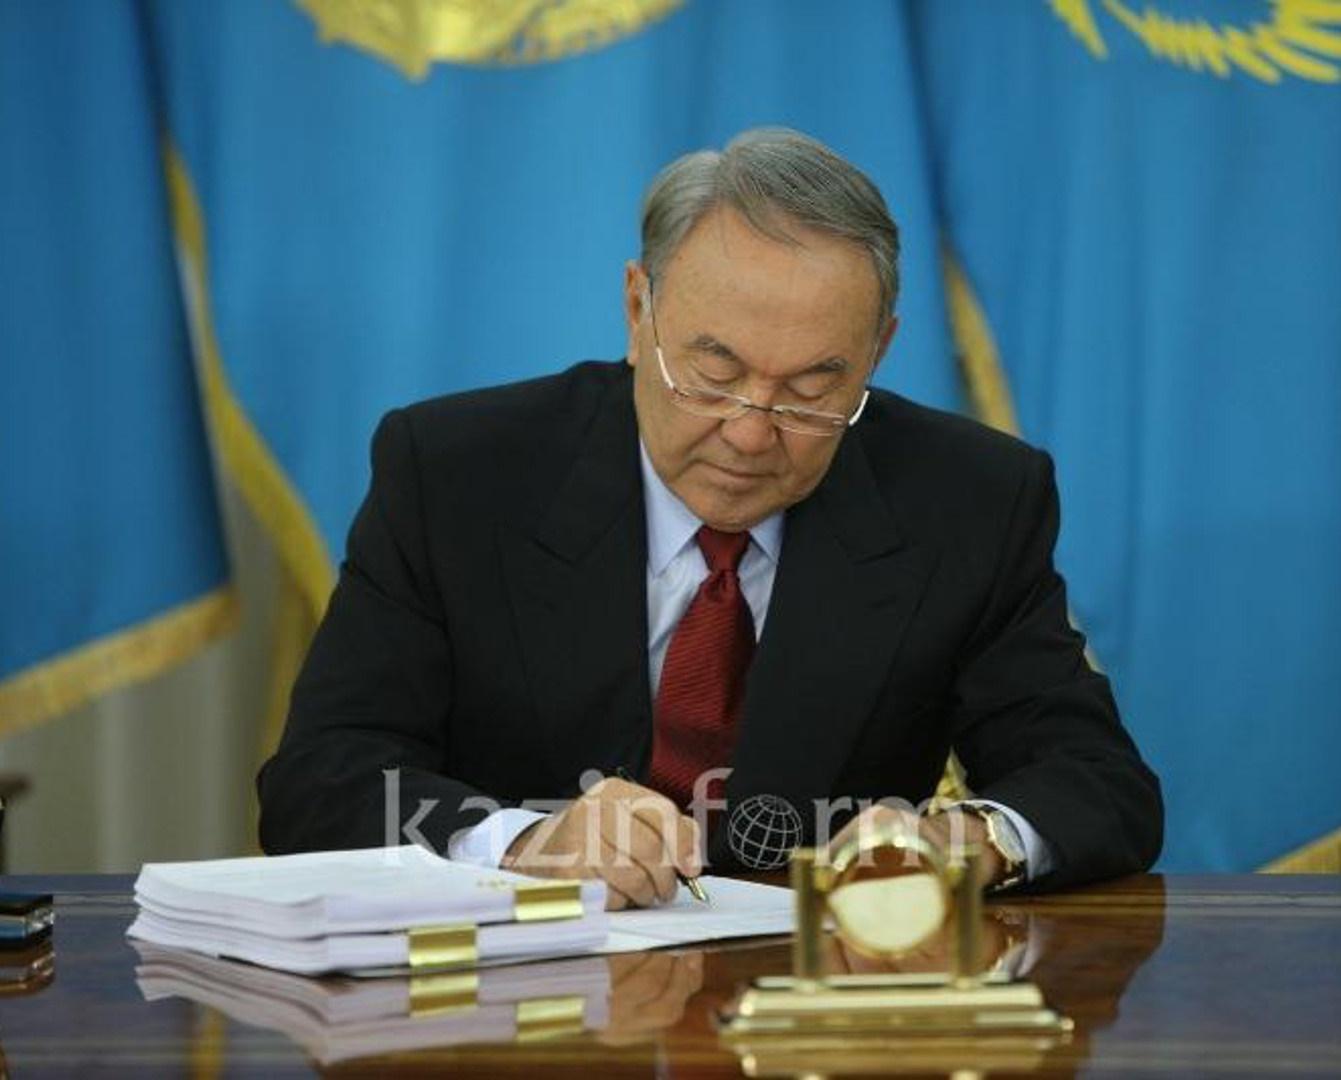 دستور رئیس جمهور قزاقستان ؛ الفبای لاتین جایگزین الفبای سیریلیک شود